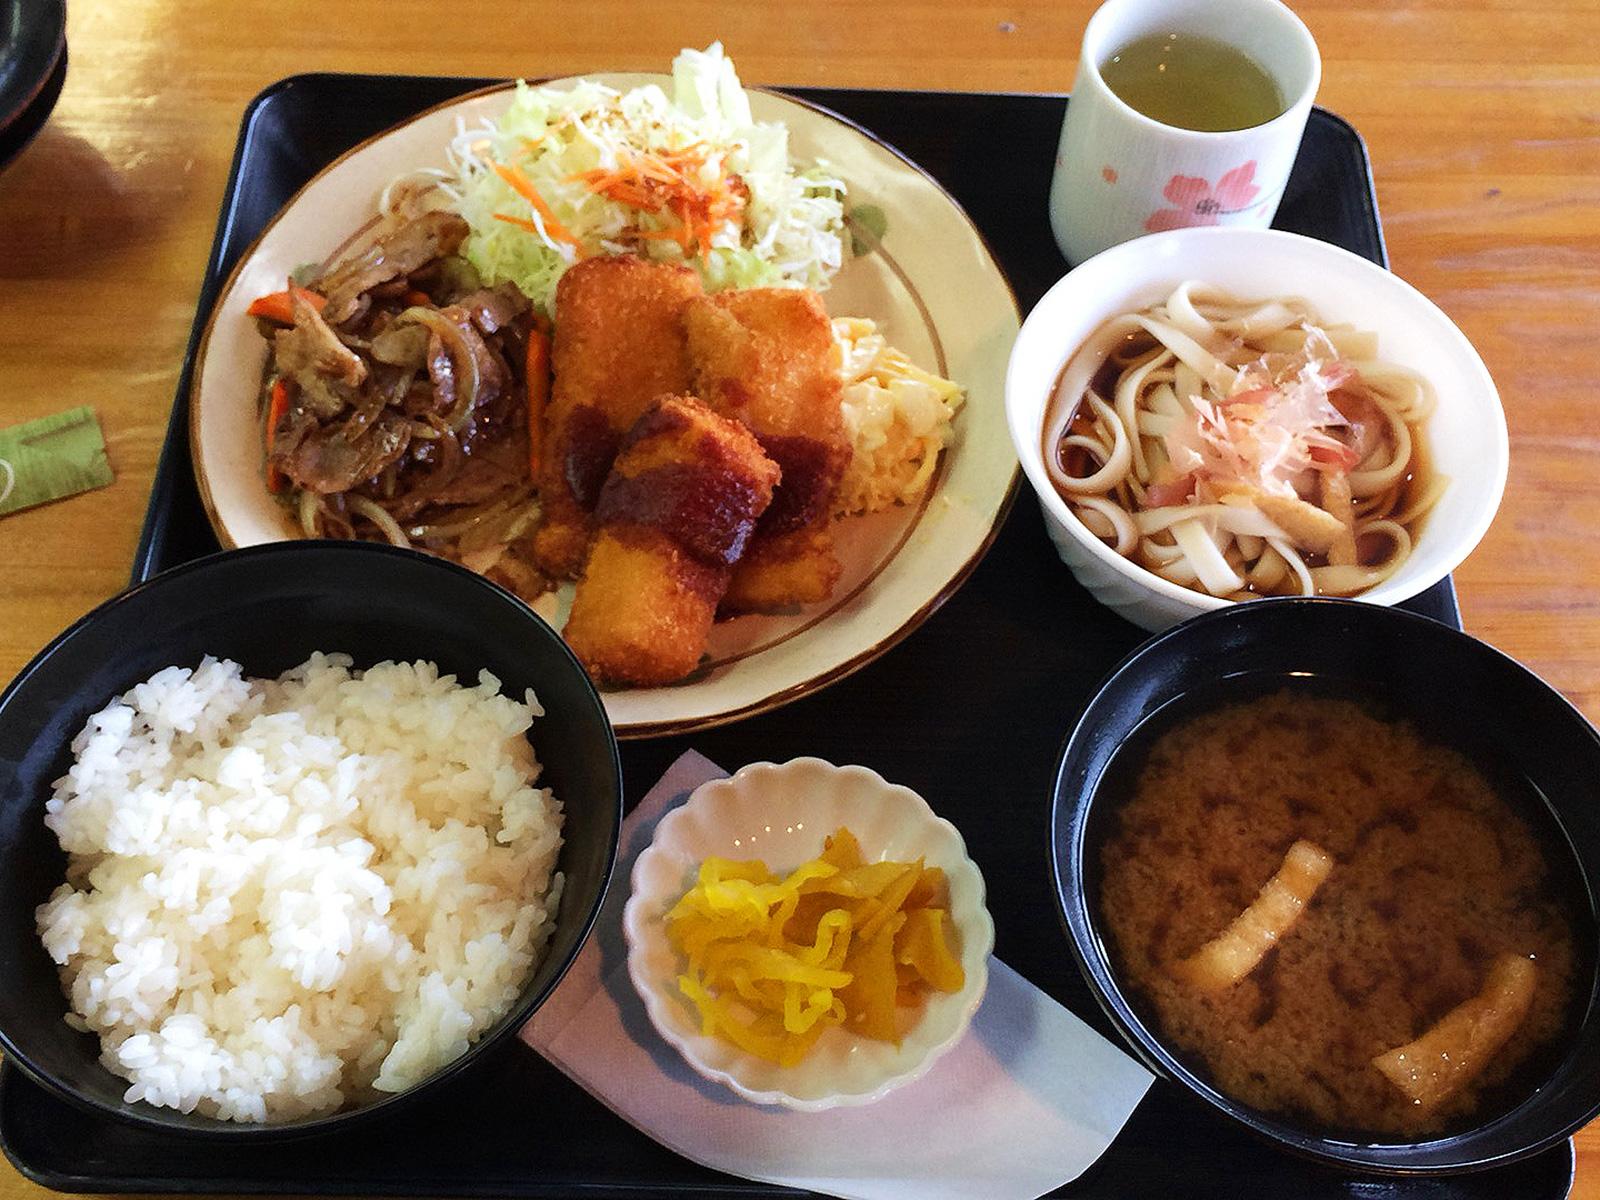 「カリナン」の焼肉とイカフライのランチ @清須市下小田井